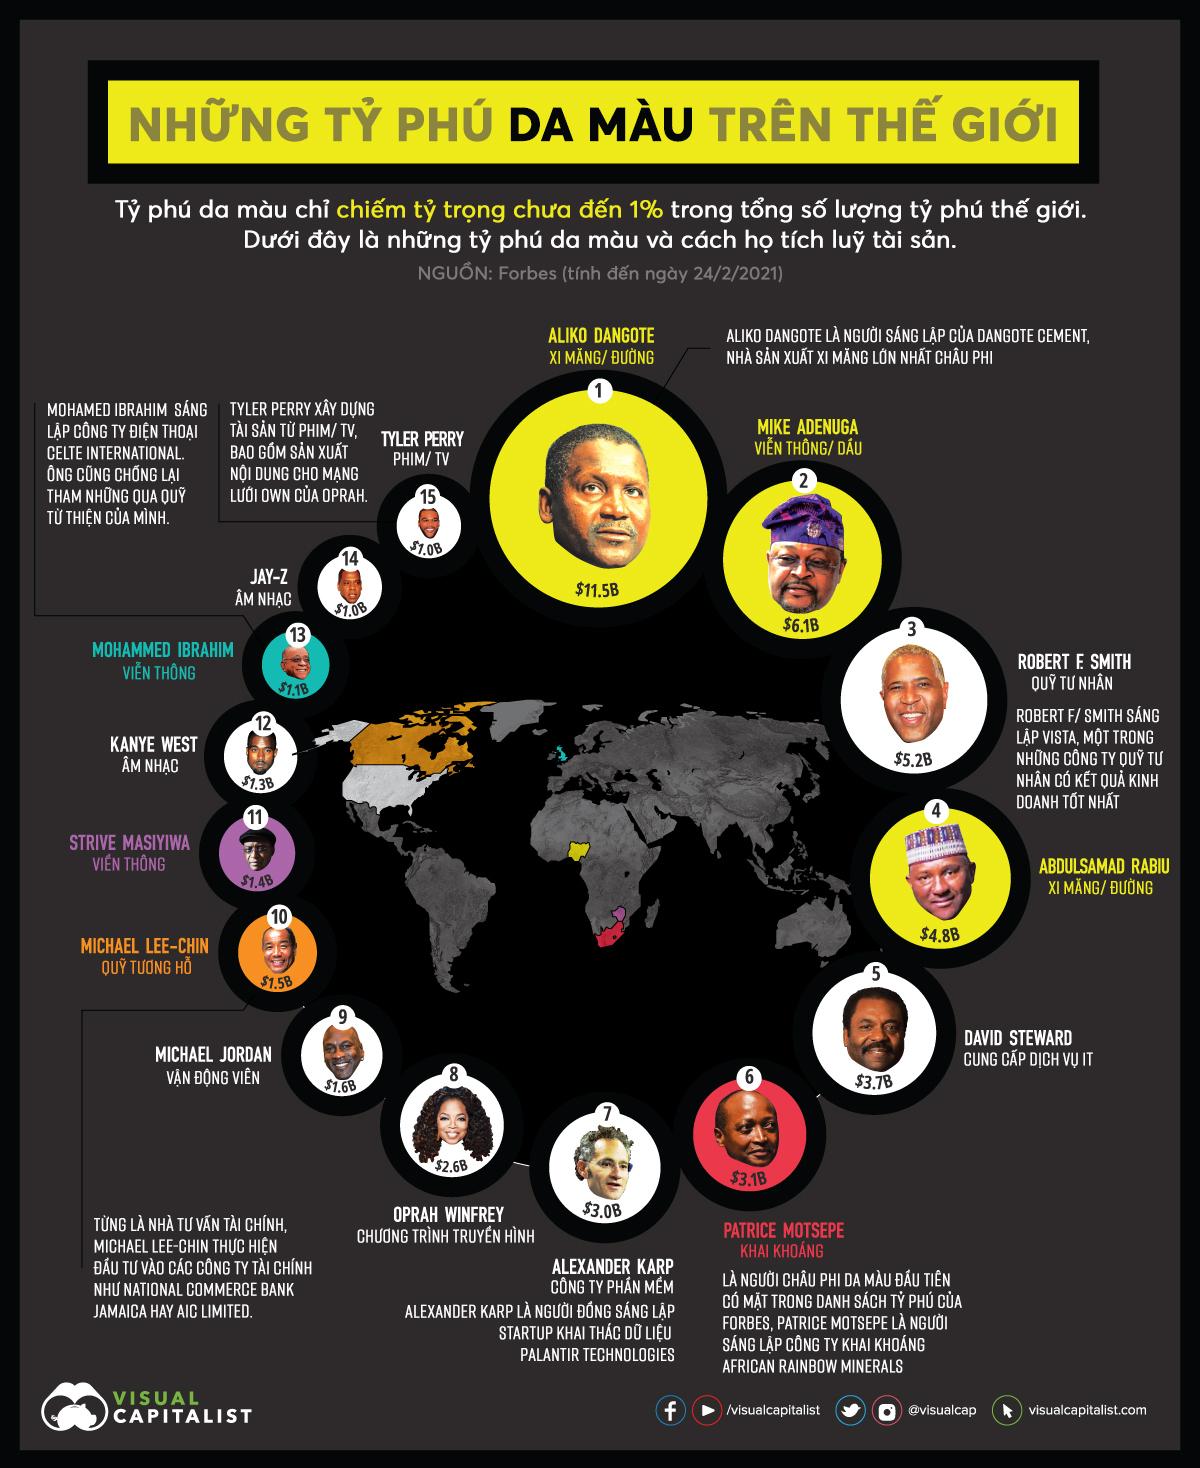 [Infographic] Những người da màu trong danh sách tỷ phú thế giới năm 2021 - Ảnh 1.